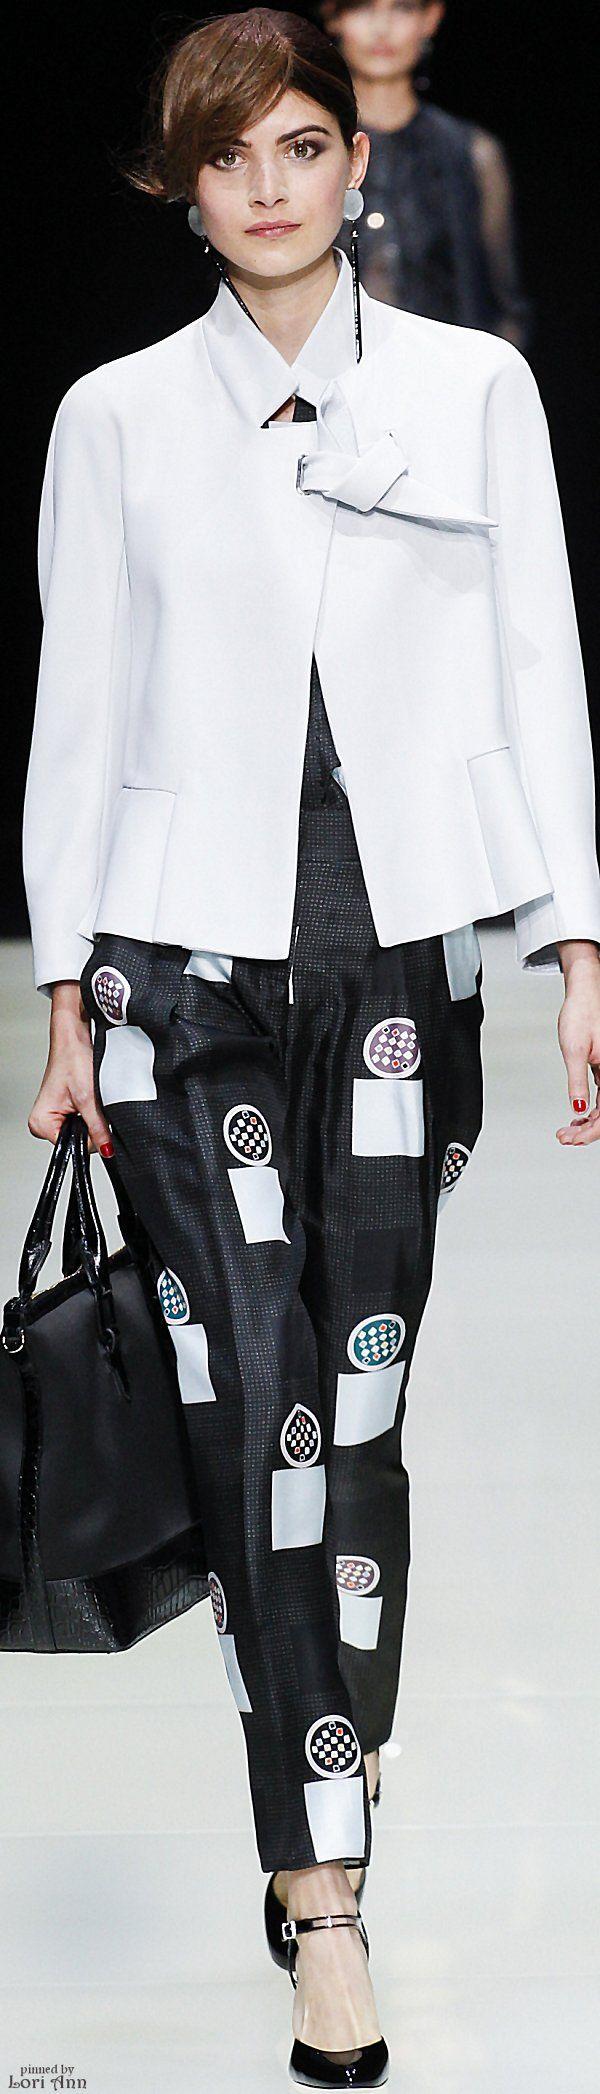 Giorgio Armani ~ Spring White Cropped Jacket with Black + White Print Trousers, 2016